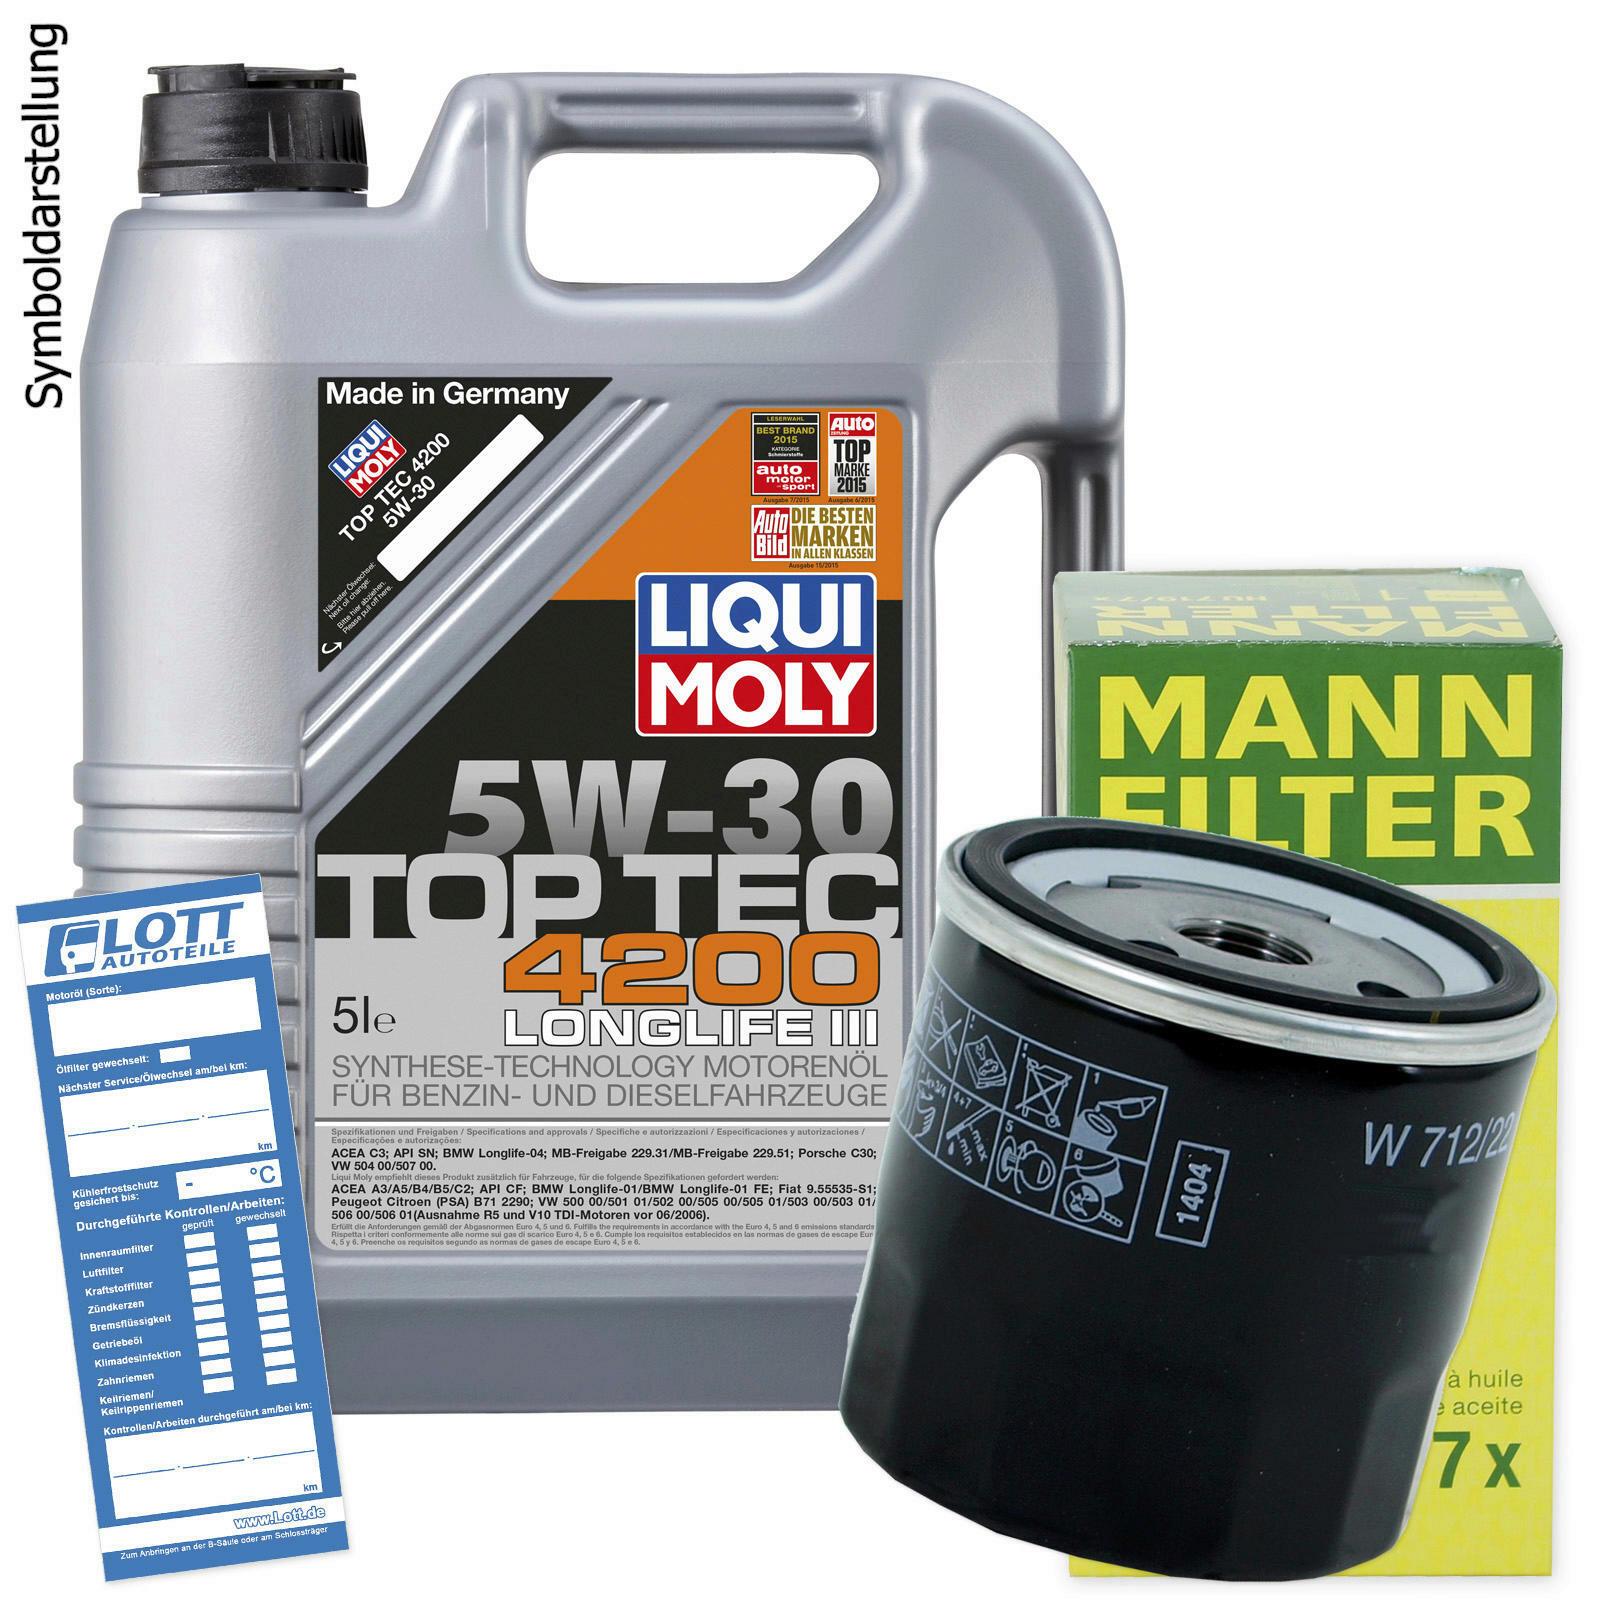 Ölwechsel Set Castrol Motoröl + MANN Ölfilter + Ablassschraube